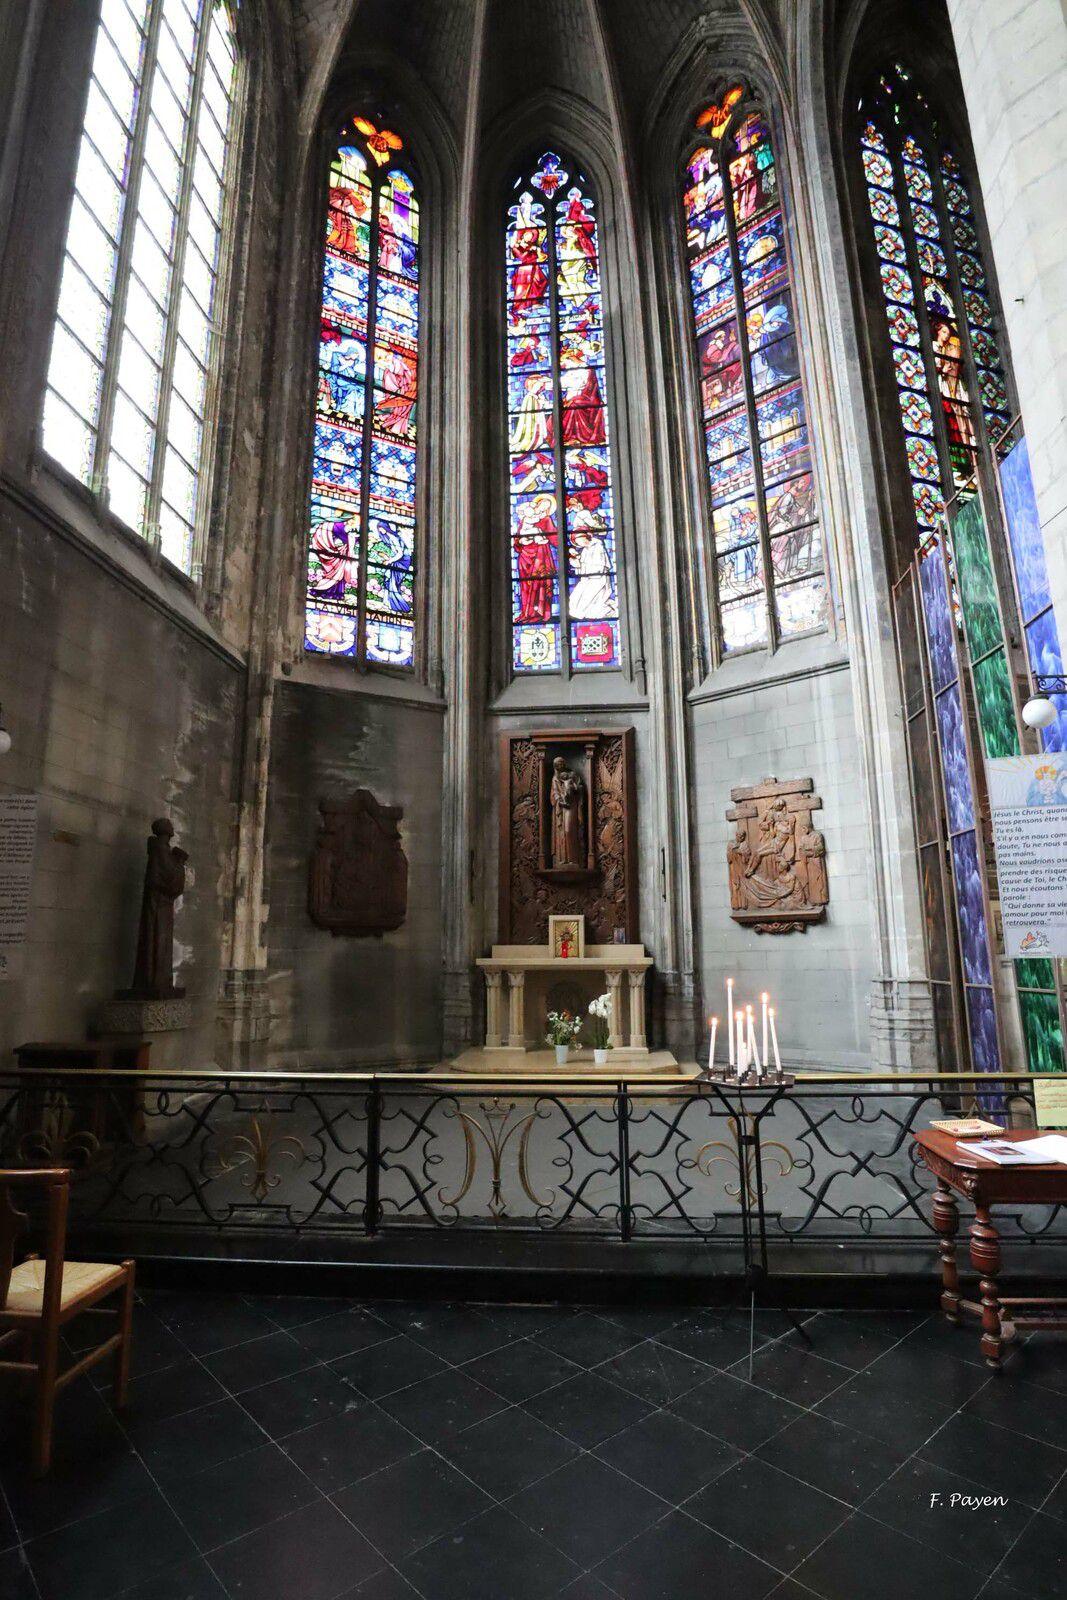 vitraux de l'église Saint-Maurice